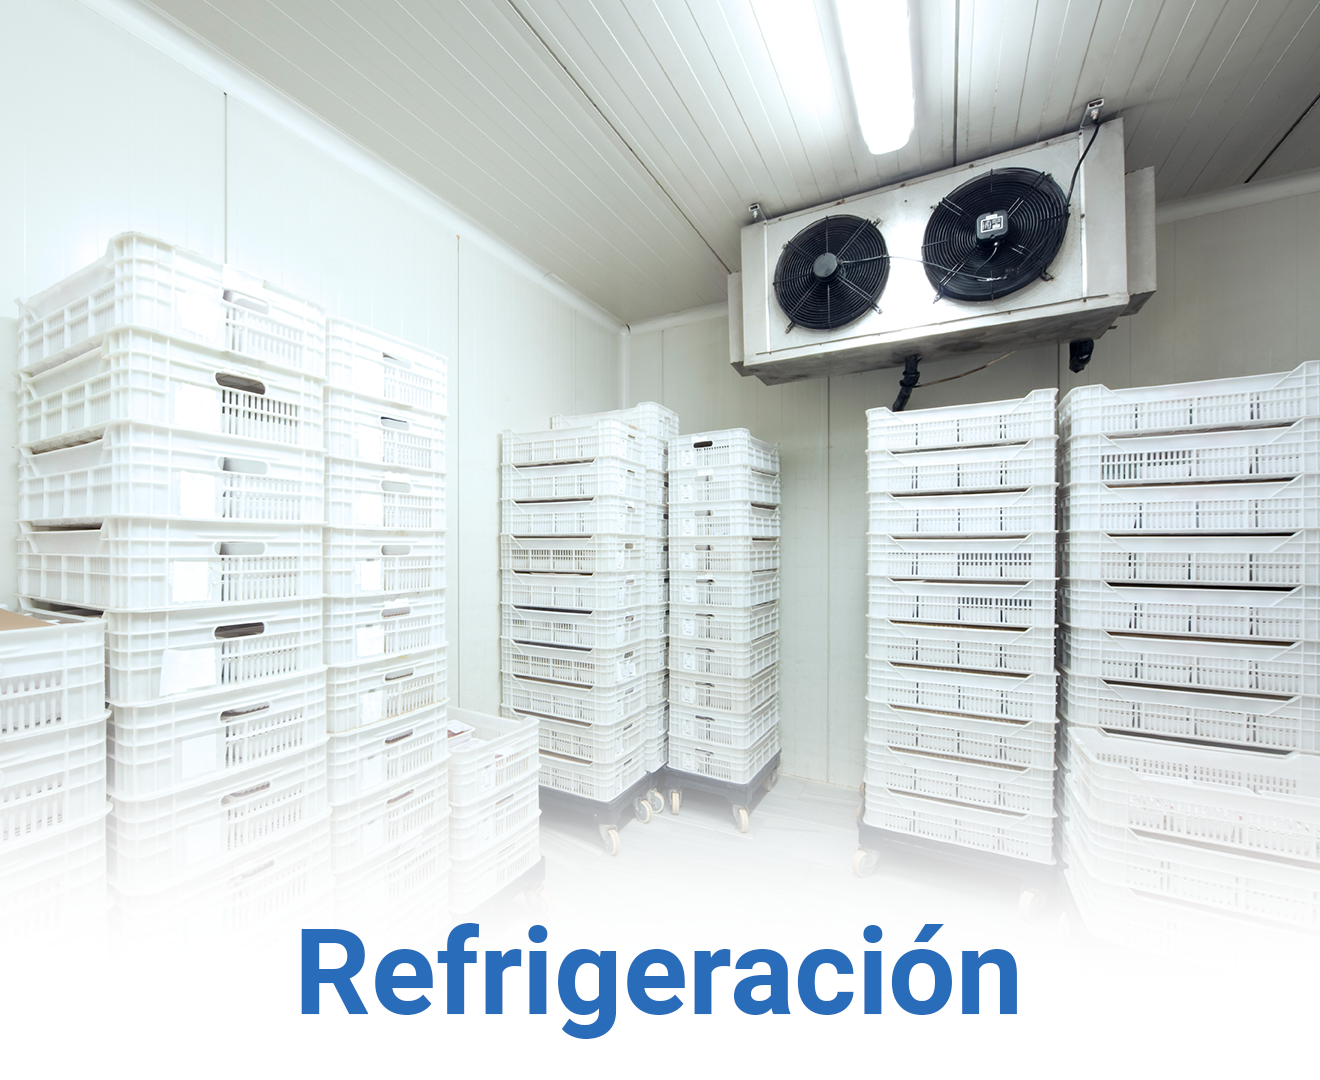 refrigeracion-inicio